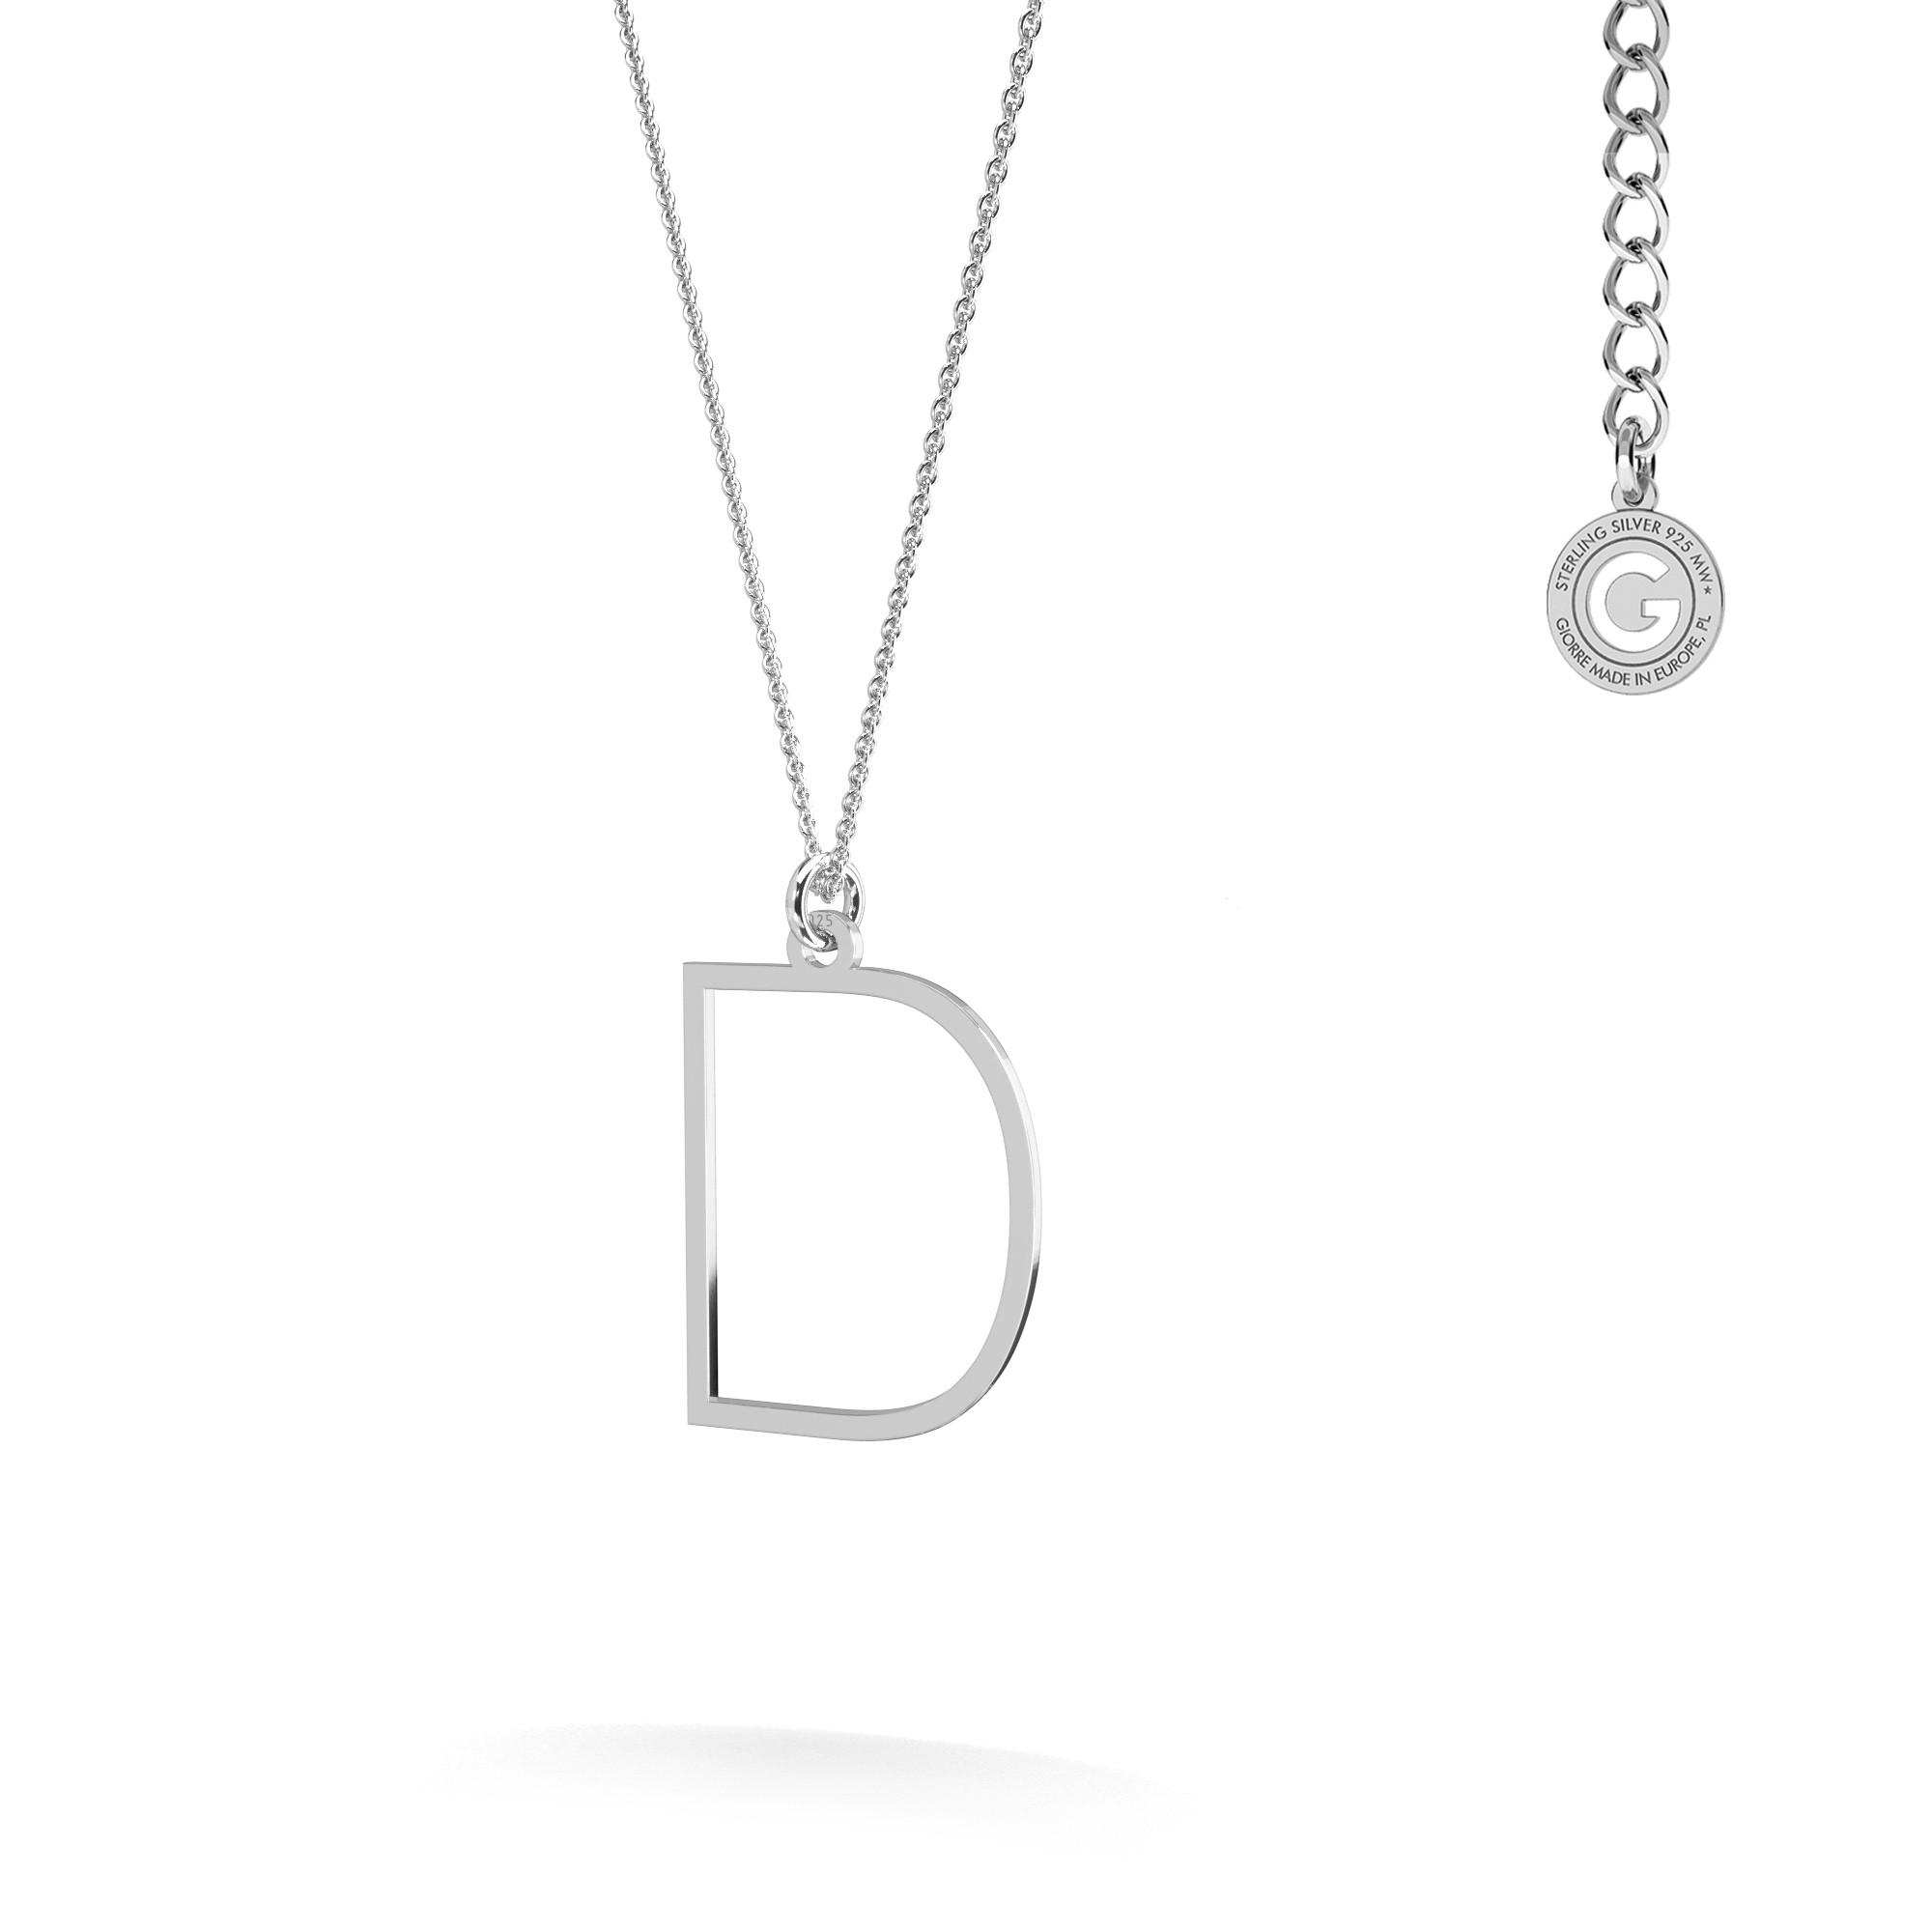 Necklace - Hestia, Silver 925 MON DÉFI